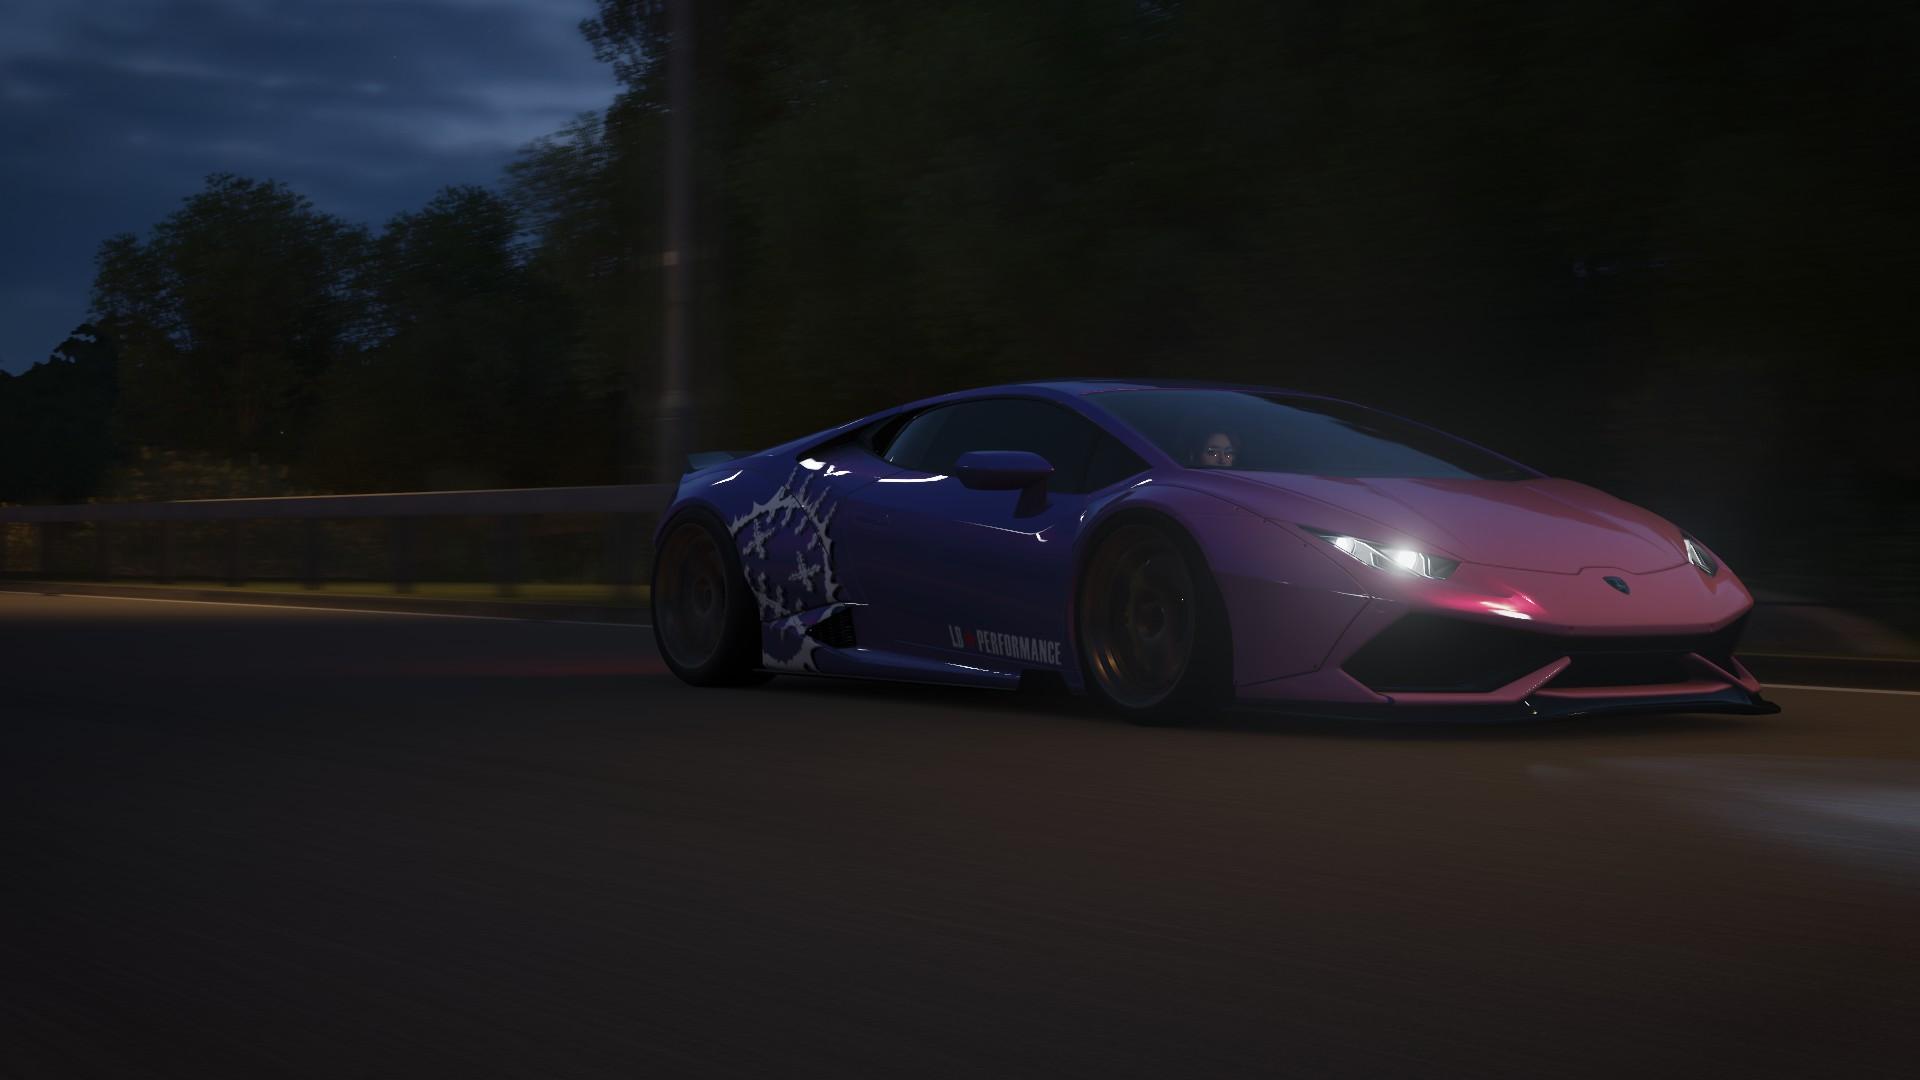 Forza Horizon Forza Lamborghini Car Dark Night Road Midnight Japanese Cars Forza Horizon 4 Drive Mov 1920x1080